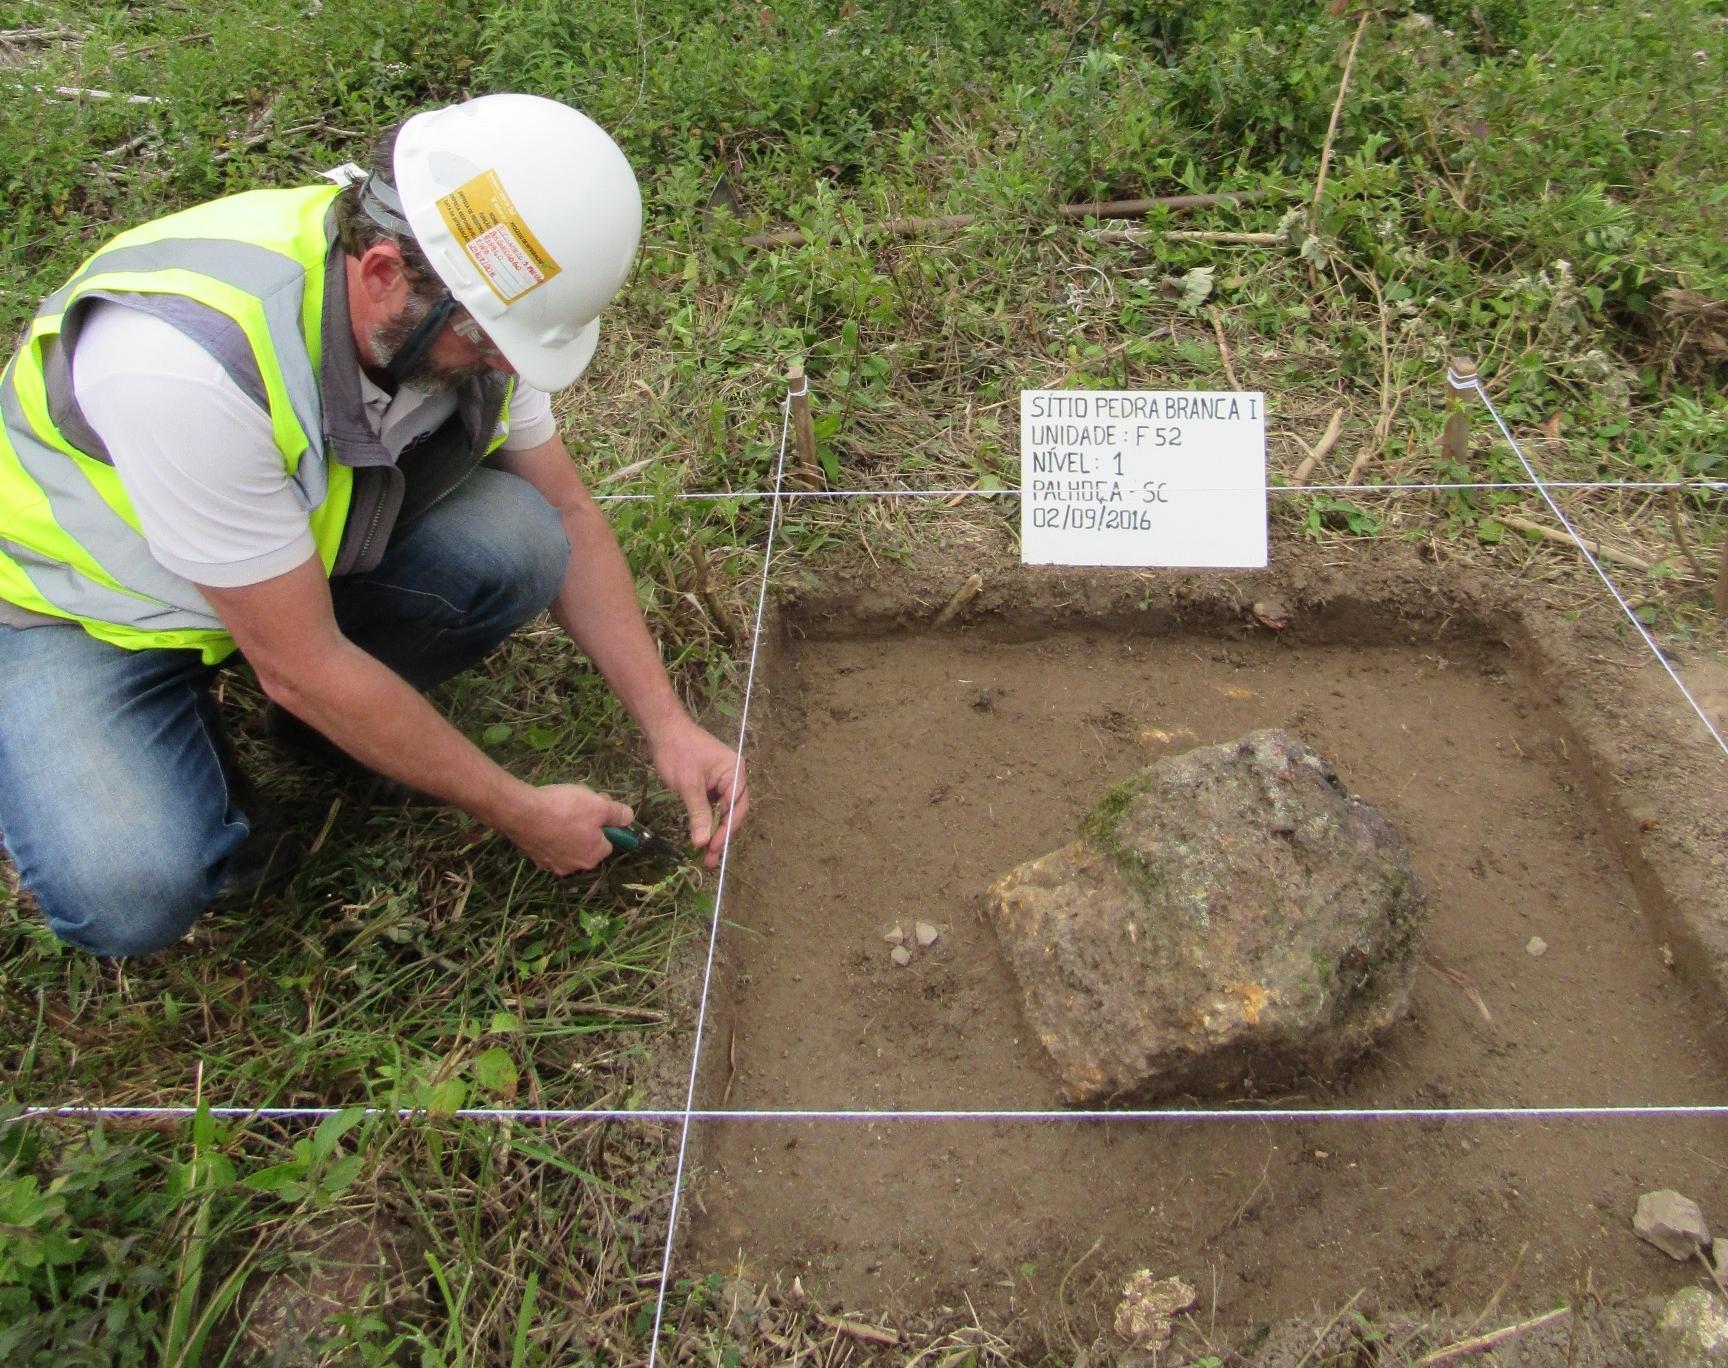 Arqueólogo resgata peças na região de Palhoça e encontra uma ponta de flexa feita em pedra pelos índios - Divulgação